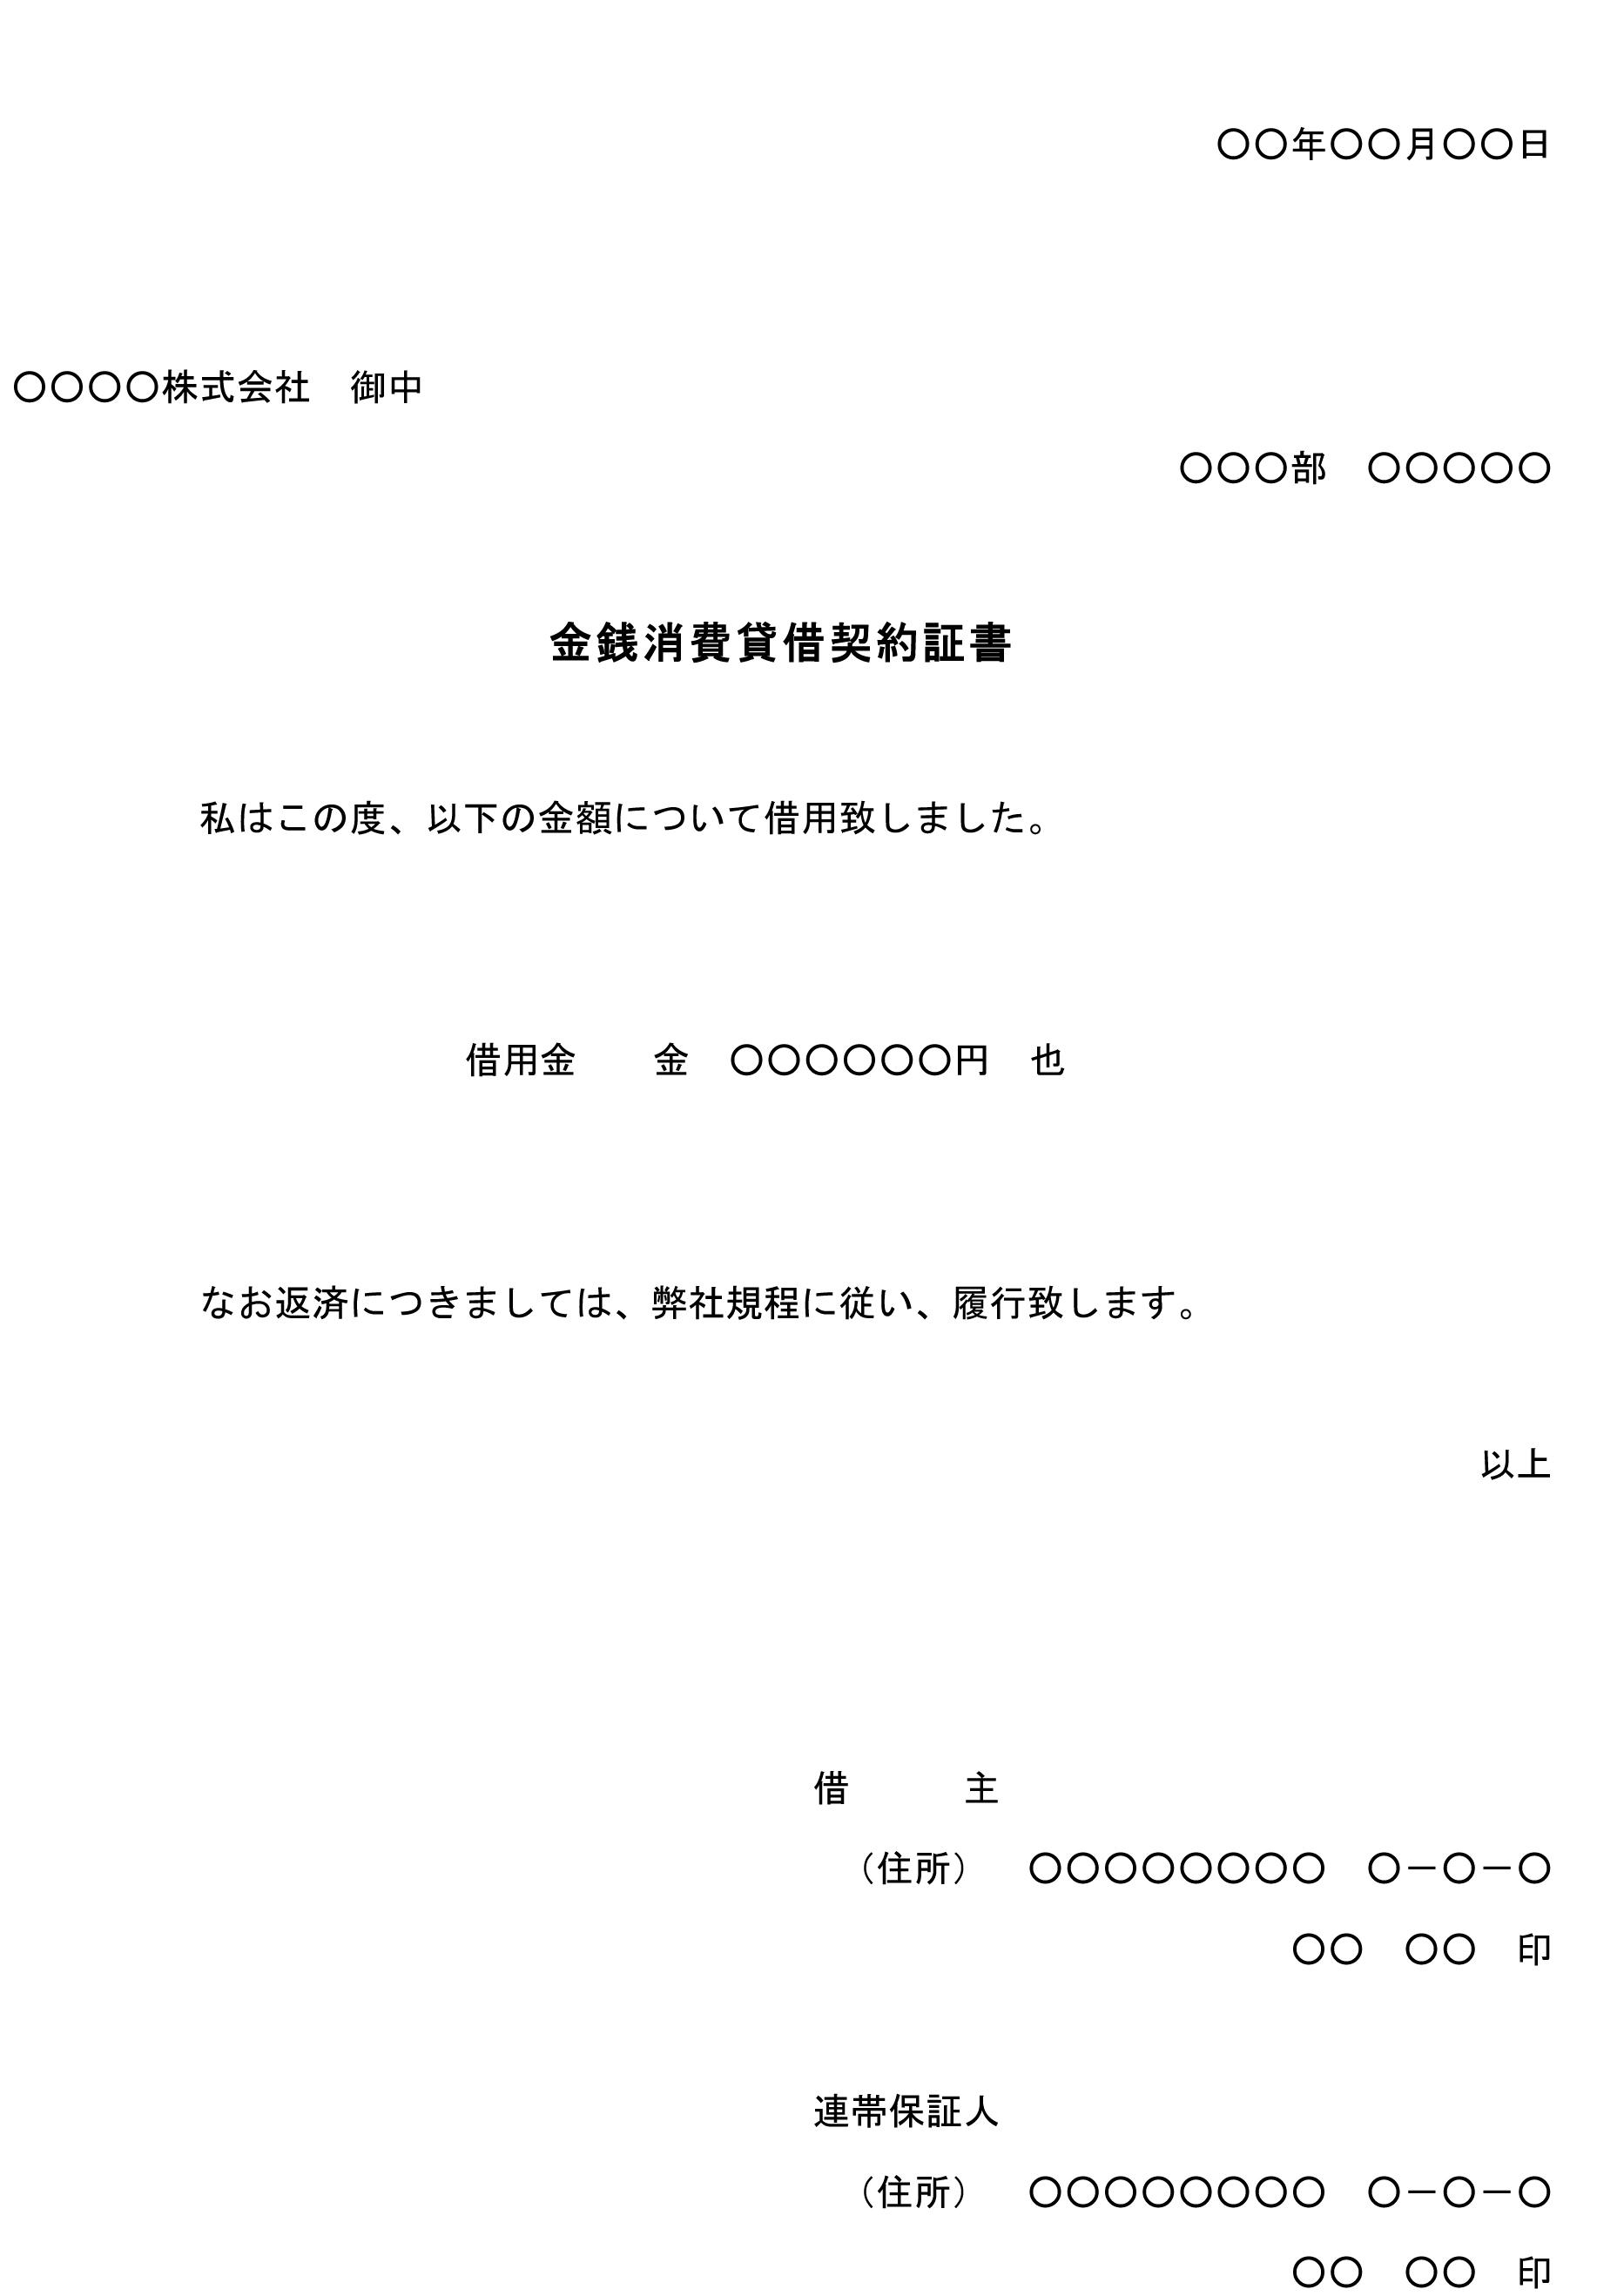 金銭消費貸借契約証書01